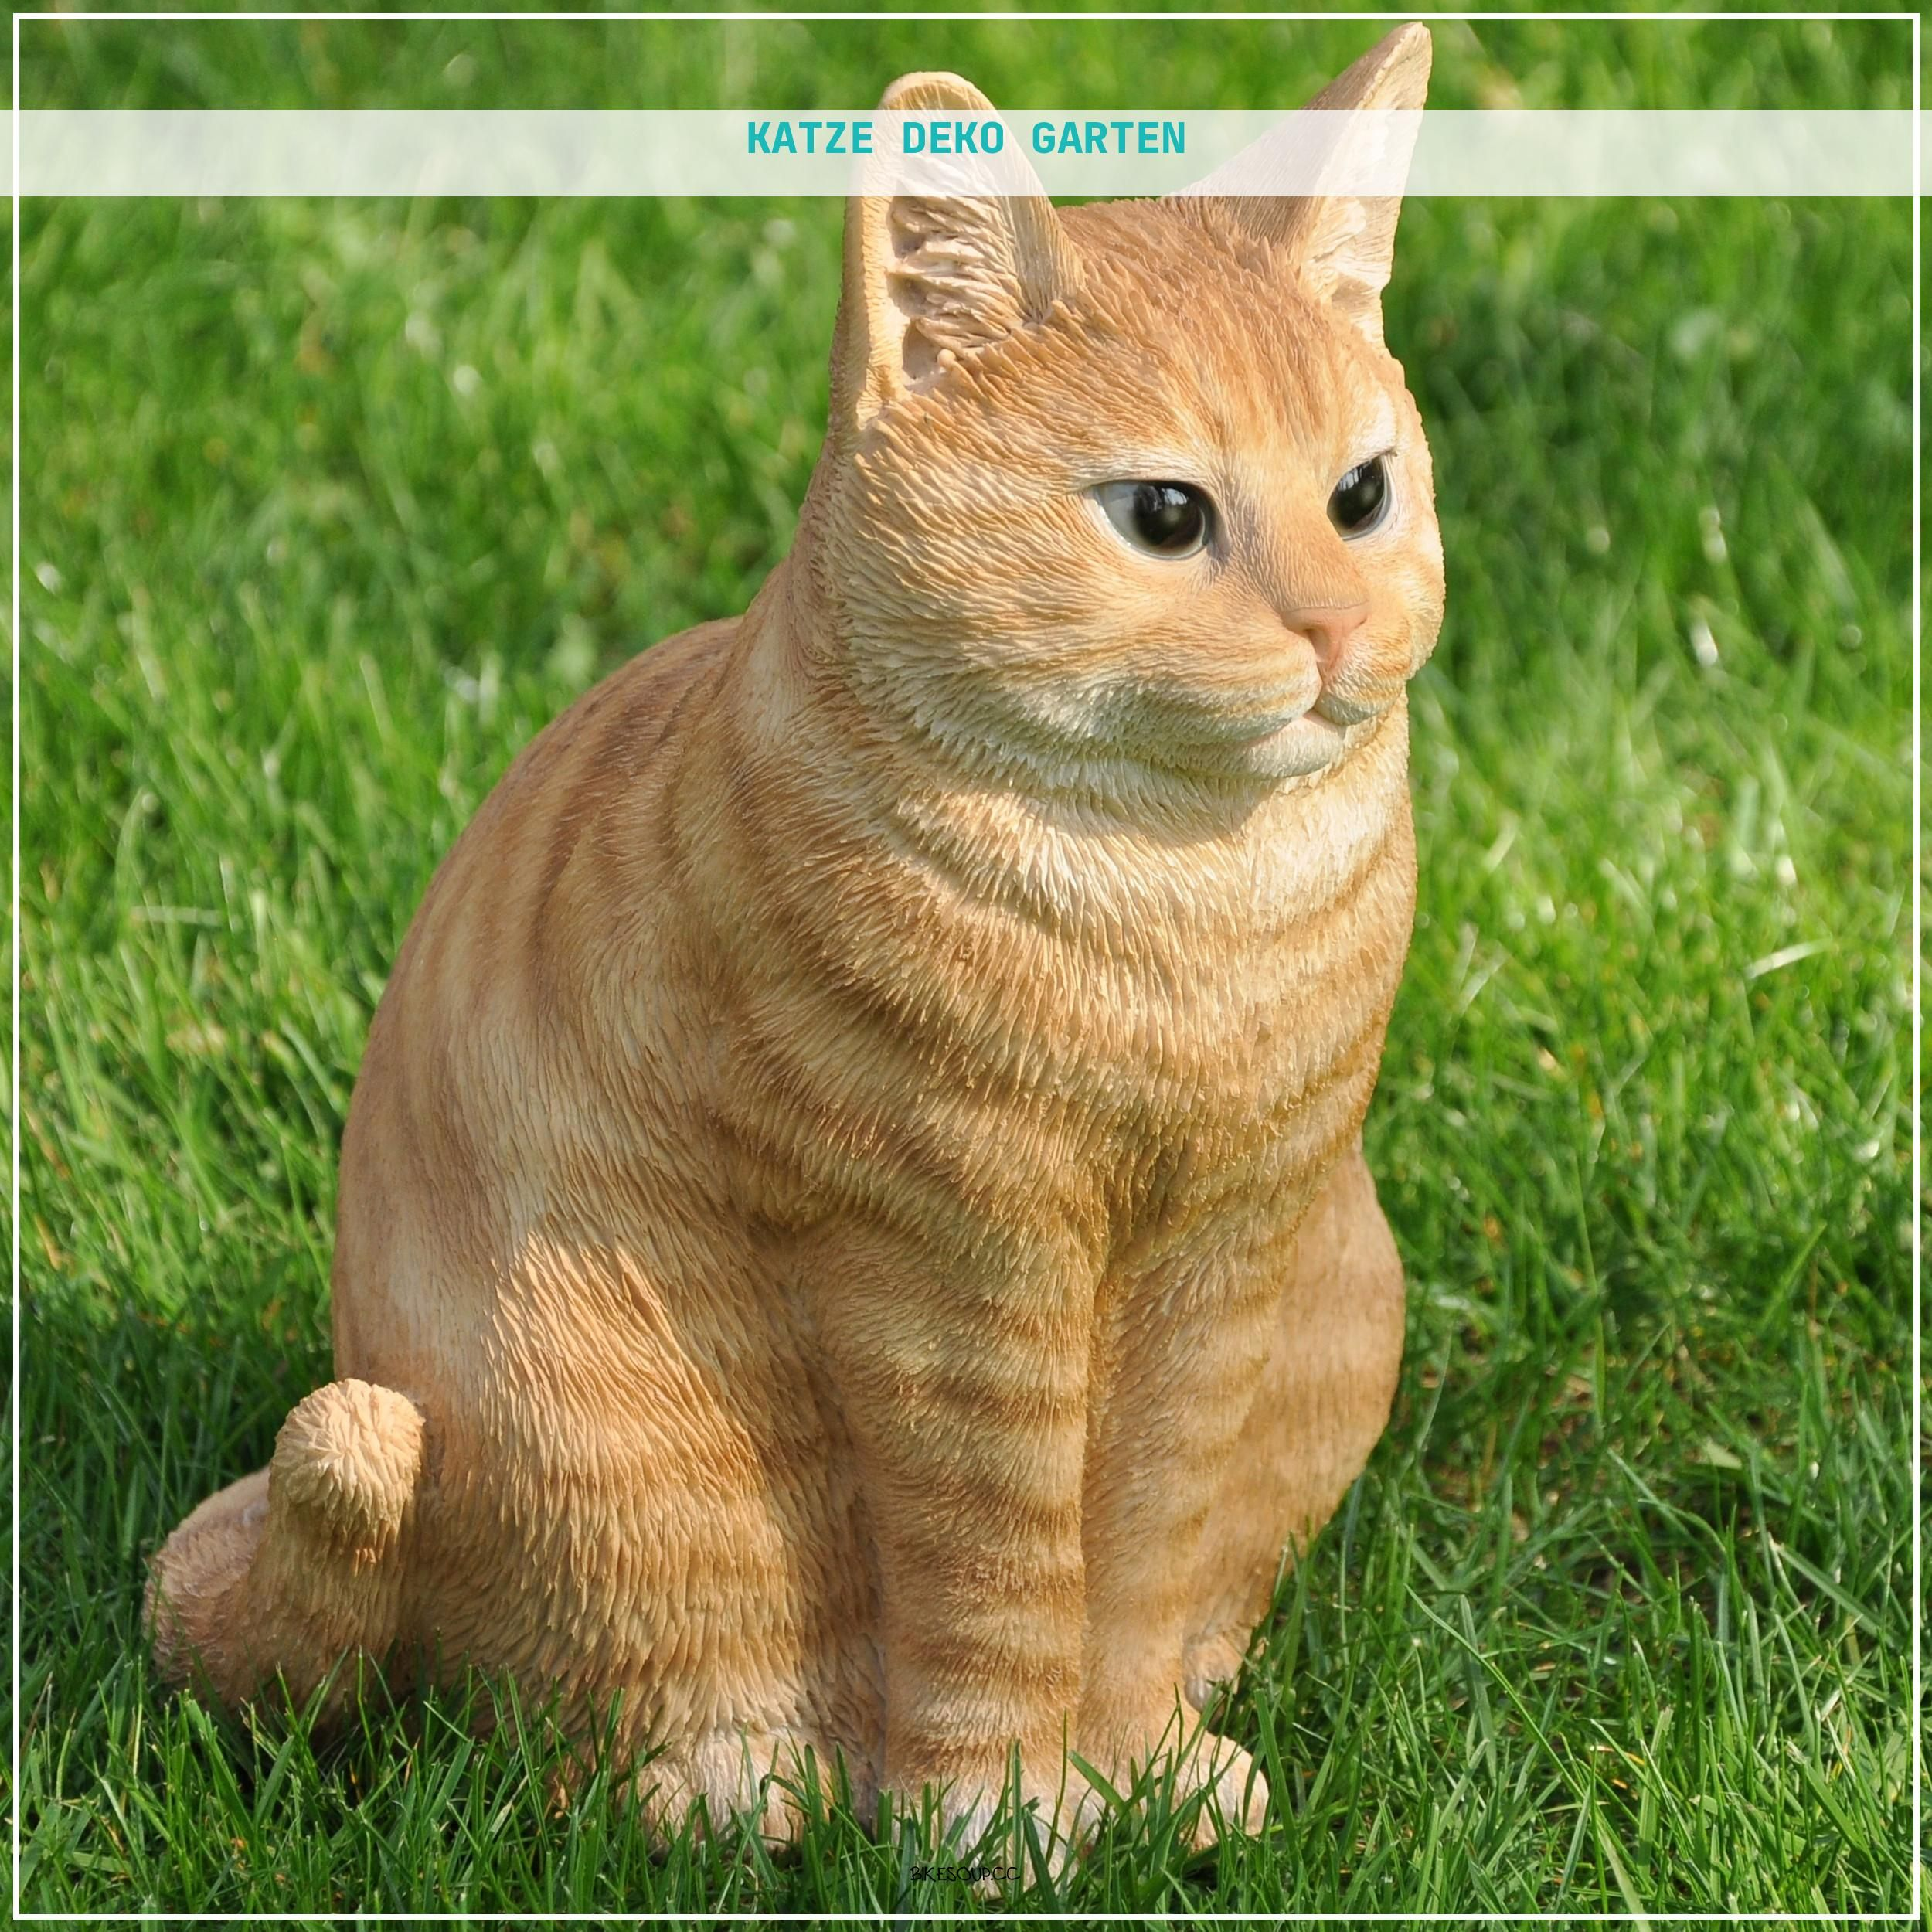 38 Schon Katze Deko Garten 38 Schon Katze Deko Garten Gartenfiguren Deko Katze Katzen